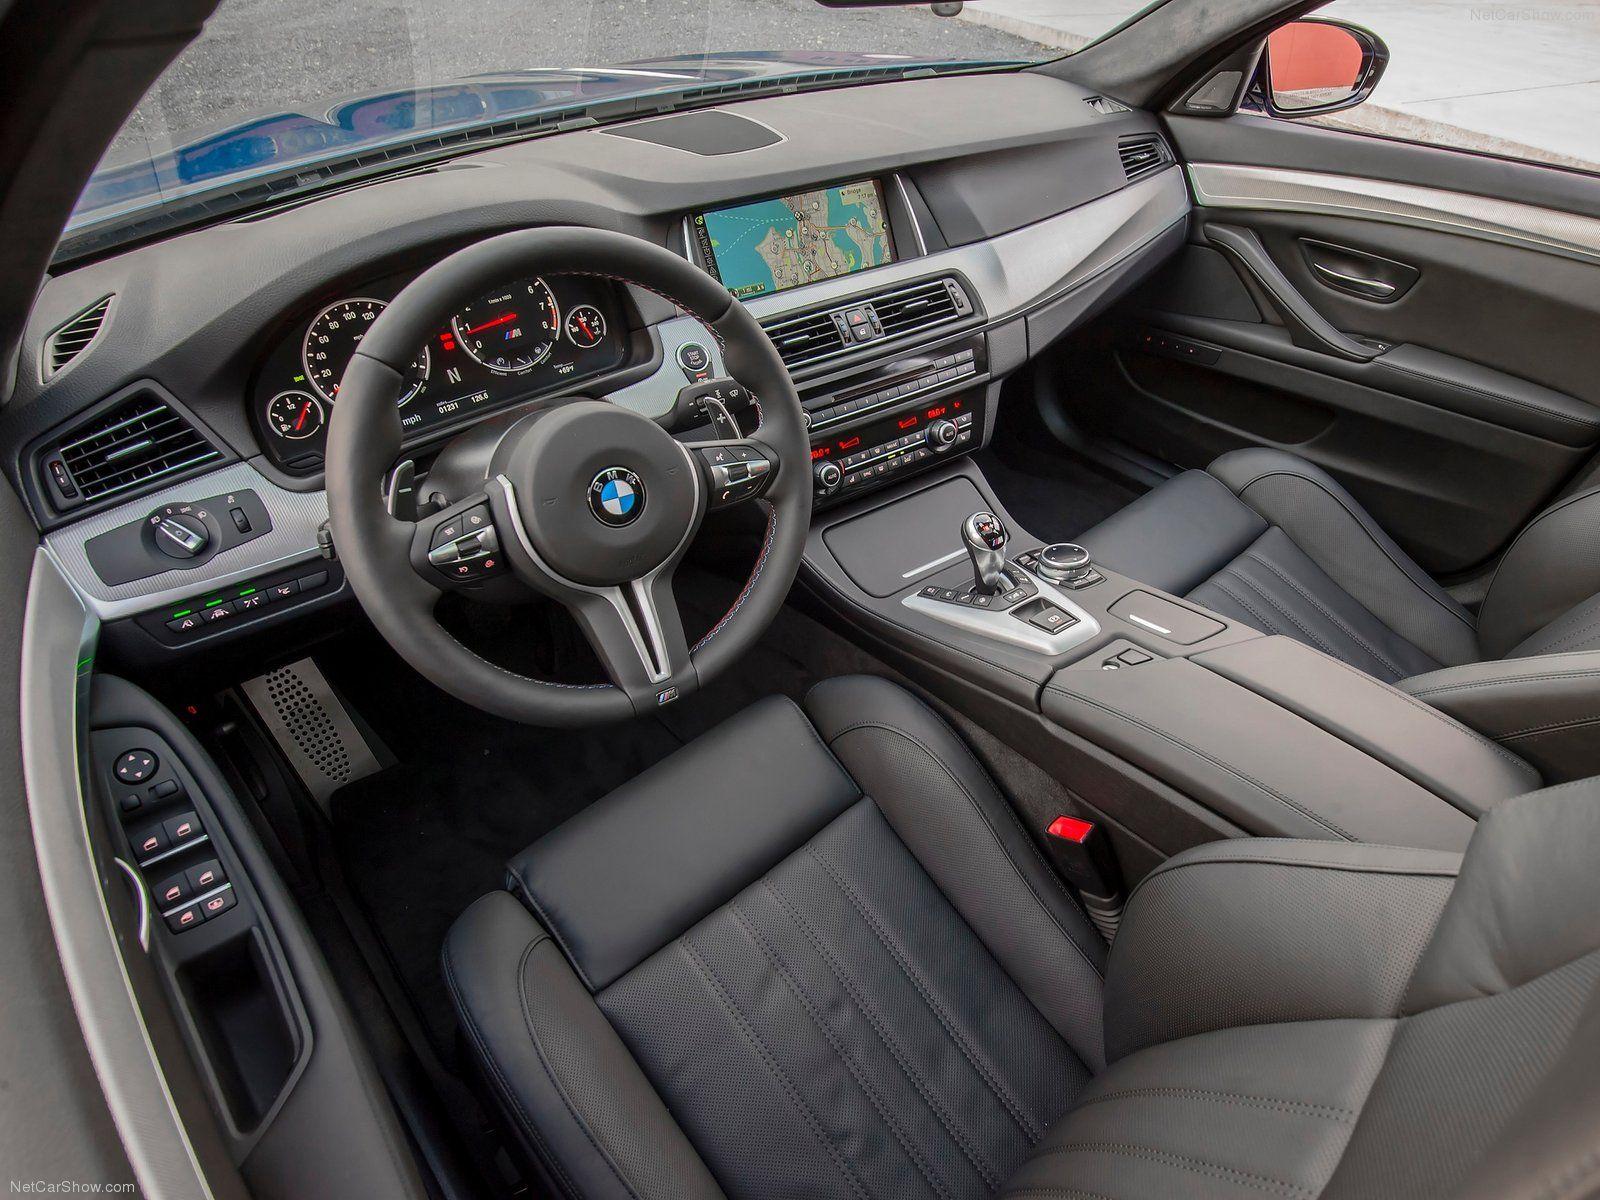 2017 Bmw Series 5 M550i Bmw Interior Bmw M5 Bmw